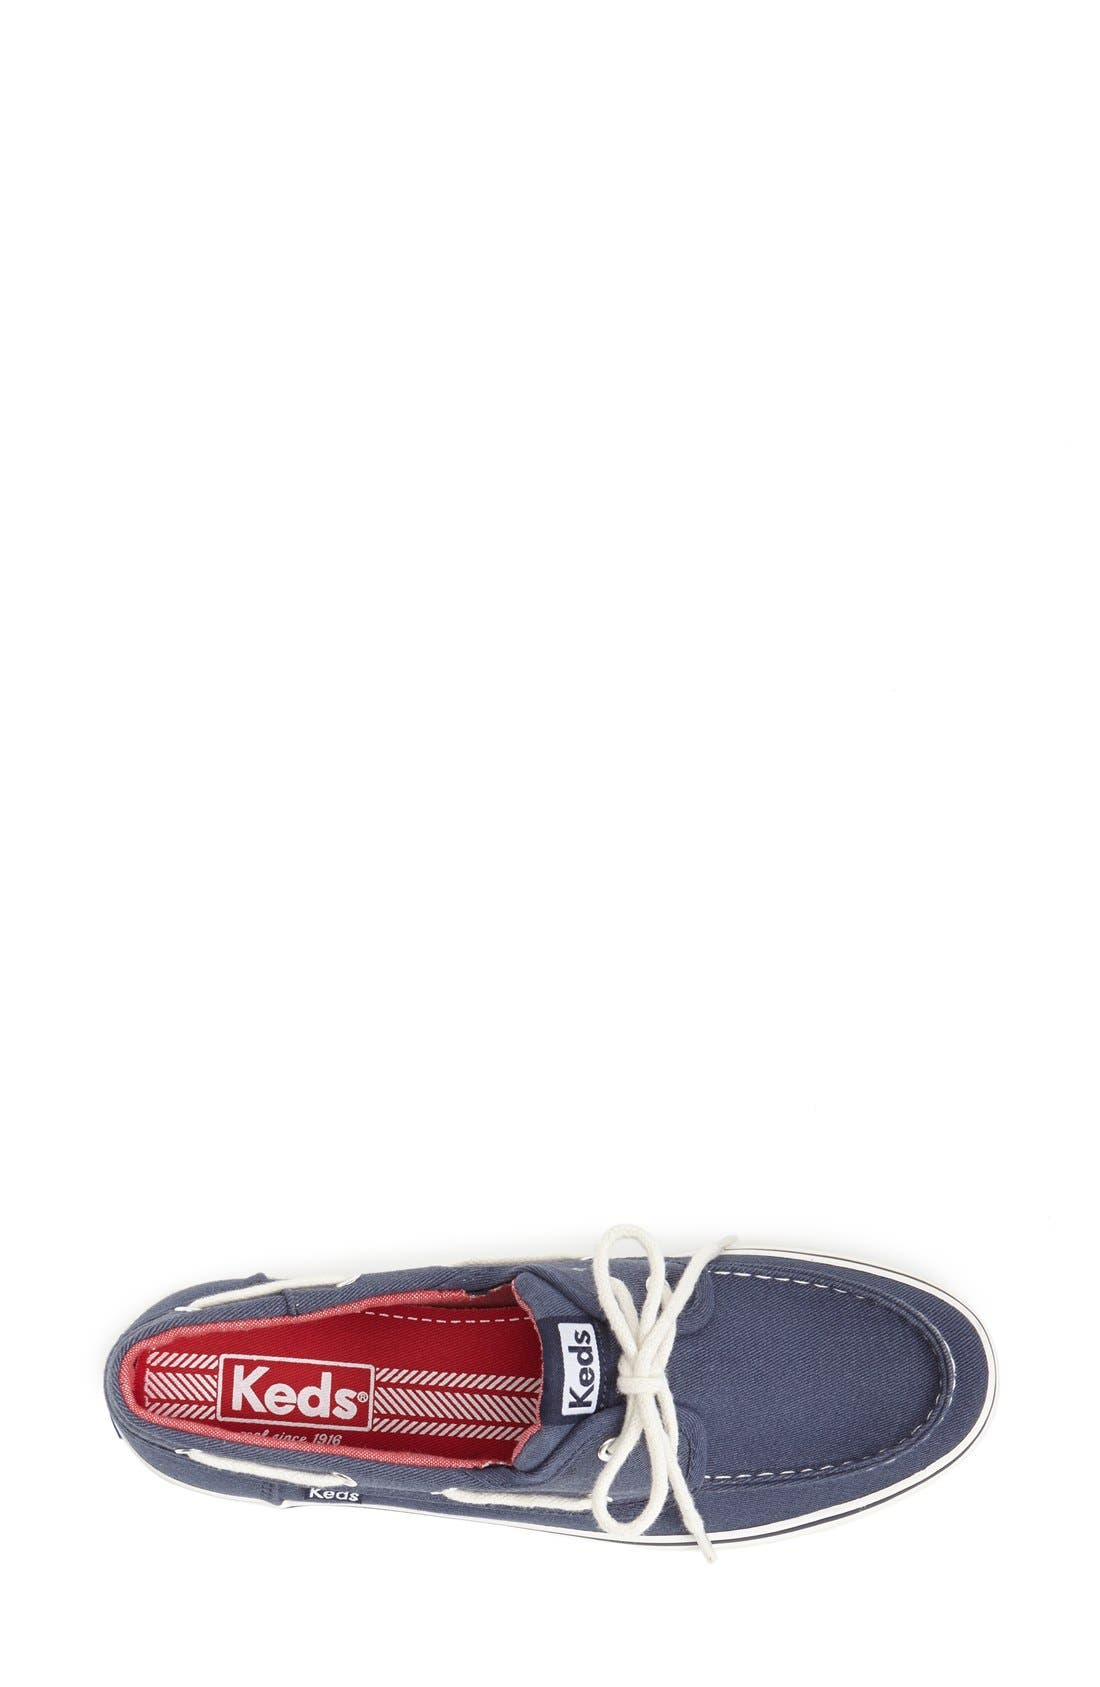 Alternate Image 3  - Keds® 'Bay Bird' Boat Shoe Sneaker (Women)